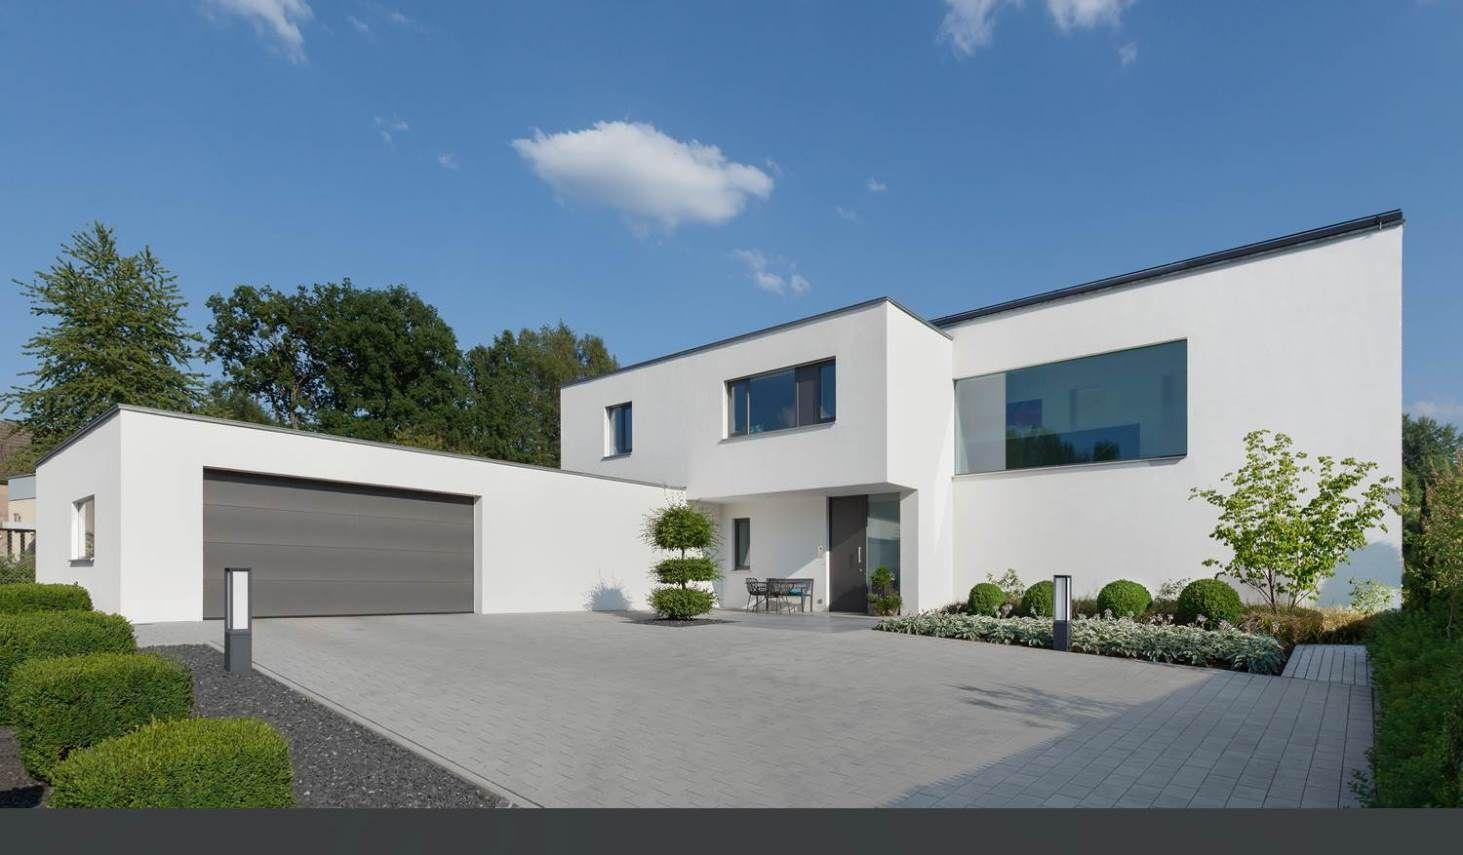 Neubau wh i oberpfalz 2012 bauen h user grundrisse Minimalistisches haus grundriss